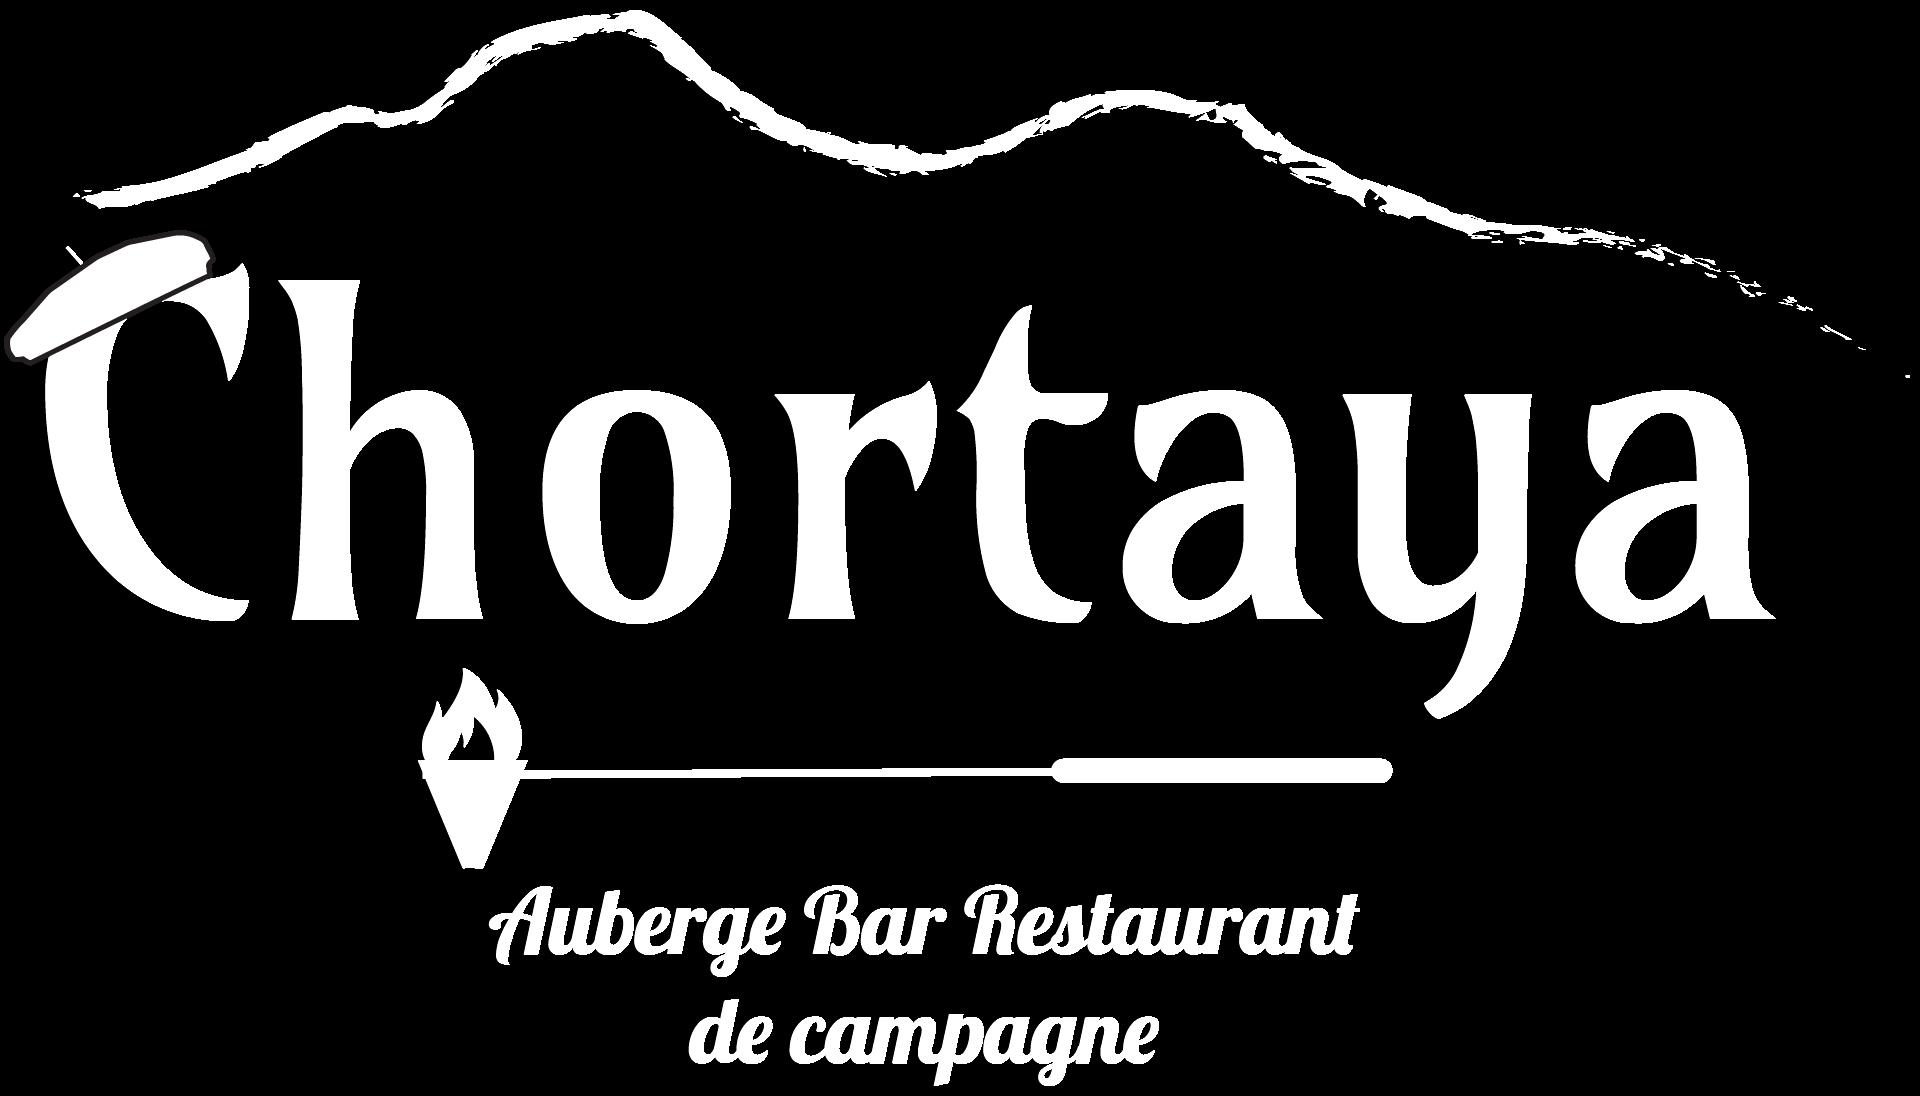 logo auberge chortaya blanc